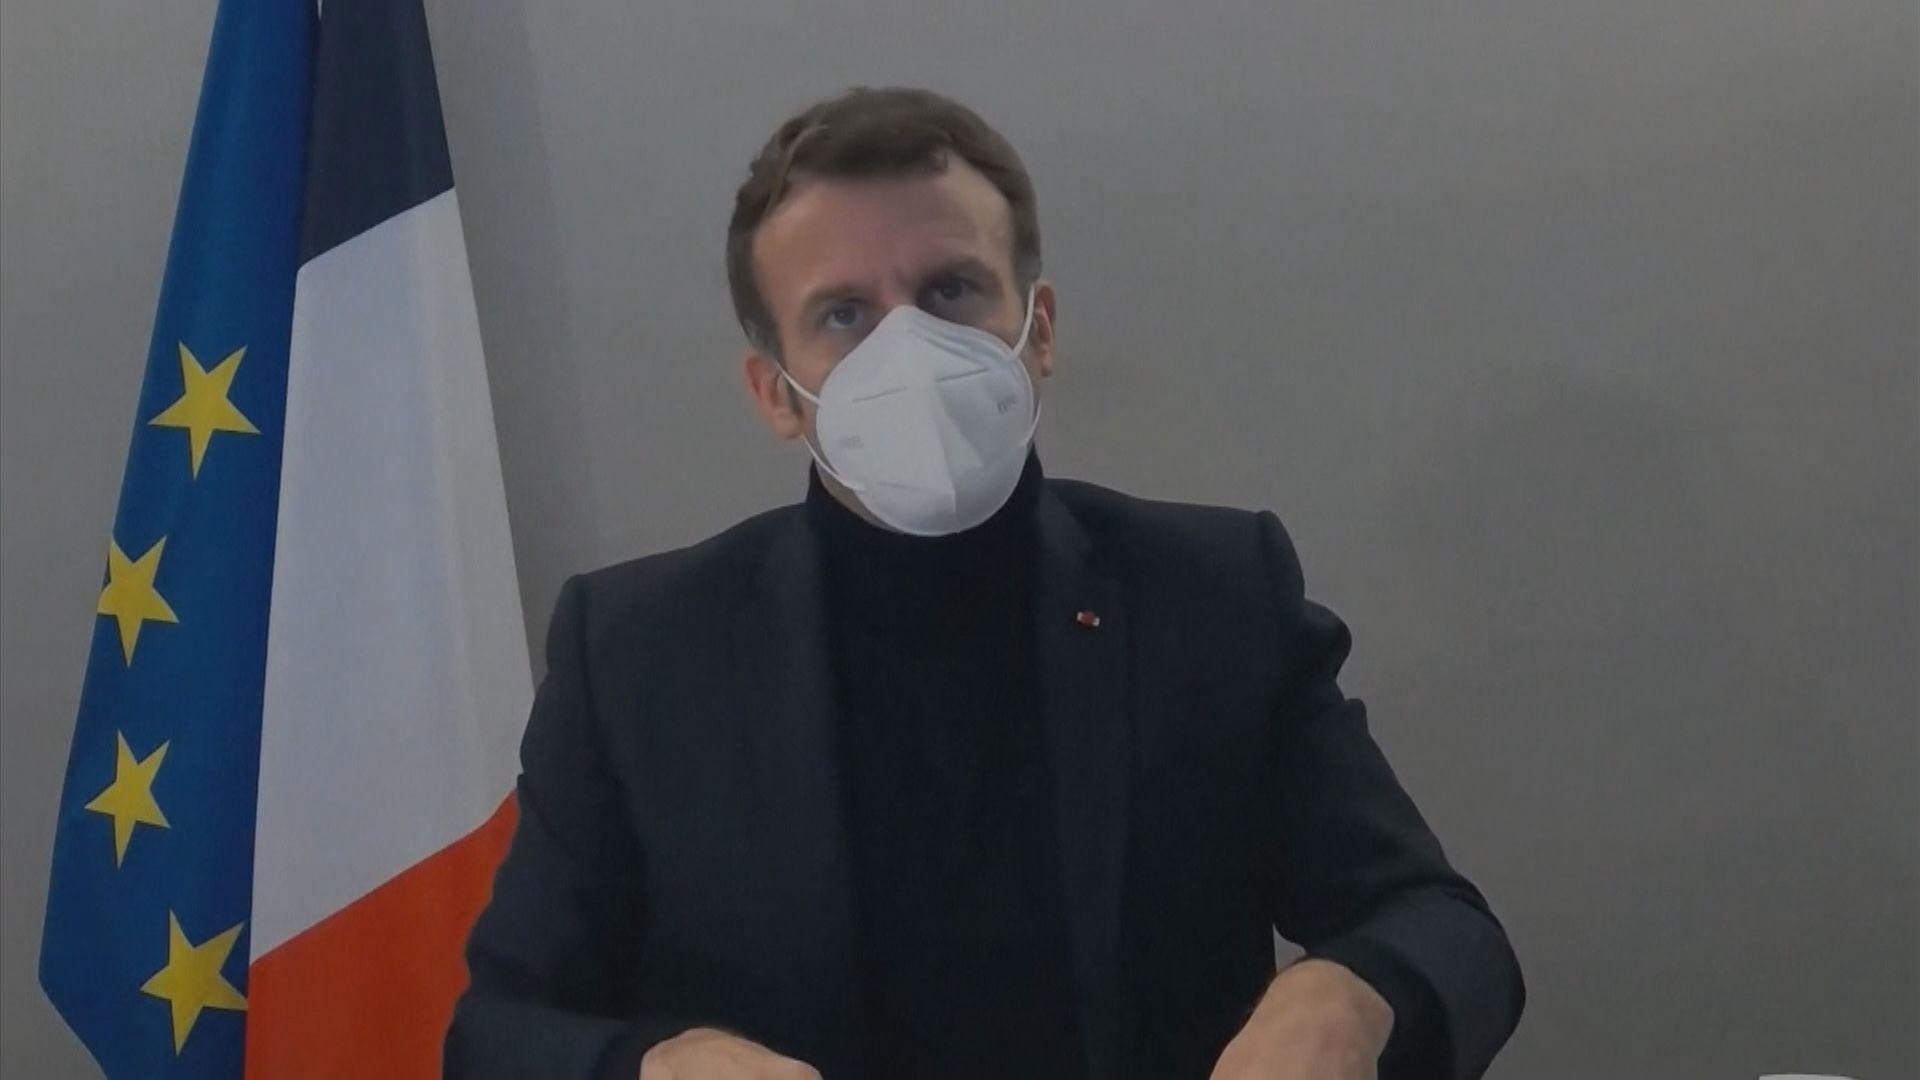 愛麗舍宮:幾乎肯定馬克龍出席歐盟峰會時受感染